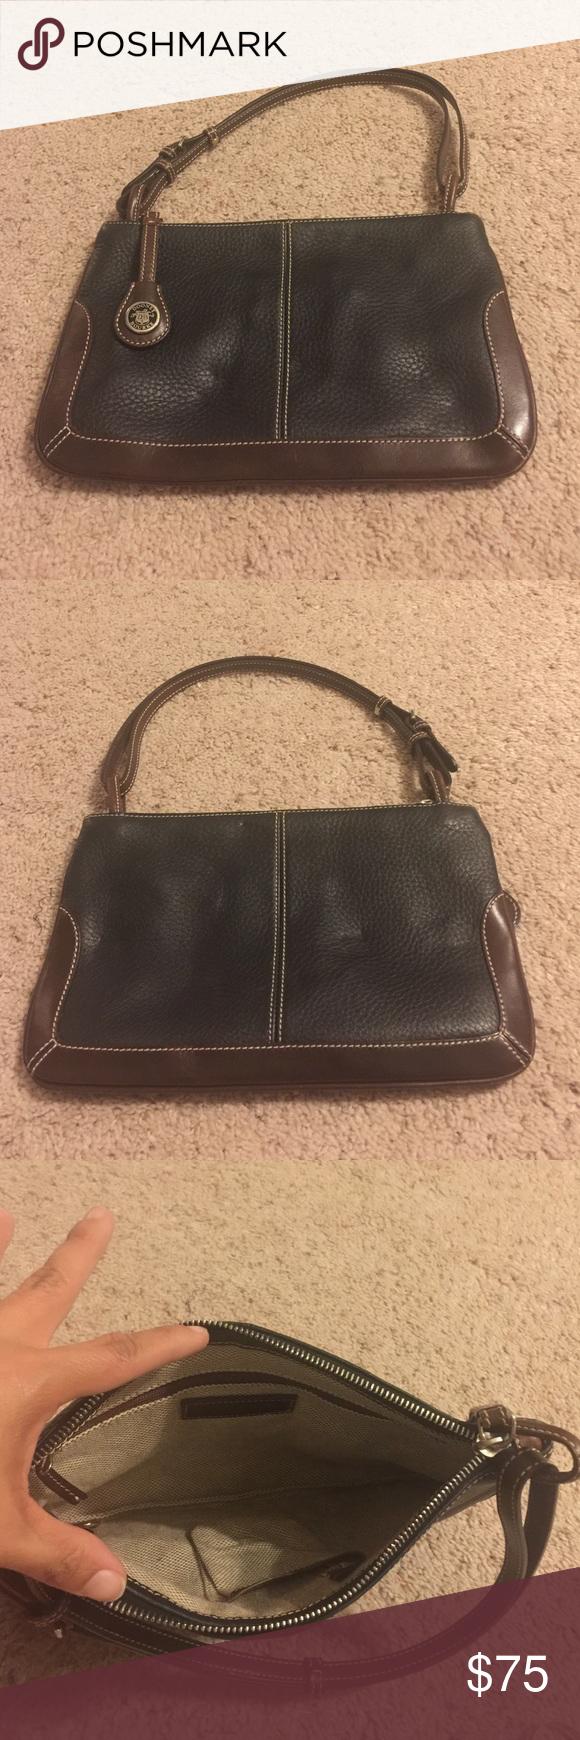 Dooney & Bourke Purse Dooney & Bourke Shoulder Bag. Used a few times. Adjustable straps. Dooney & Bourke Bags Shoulder Bags